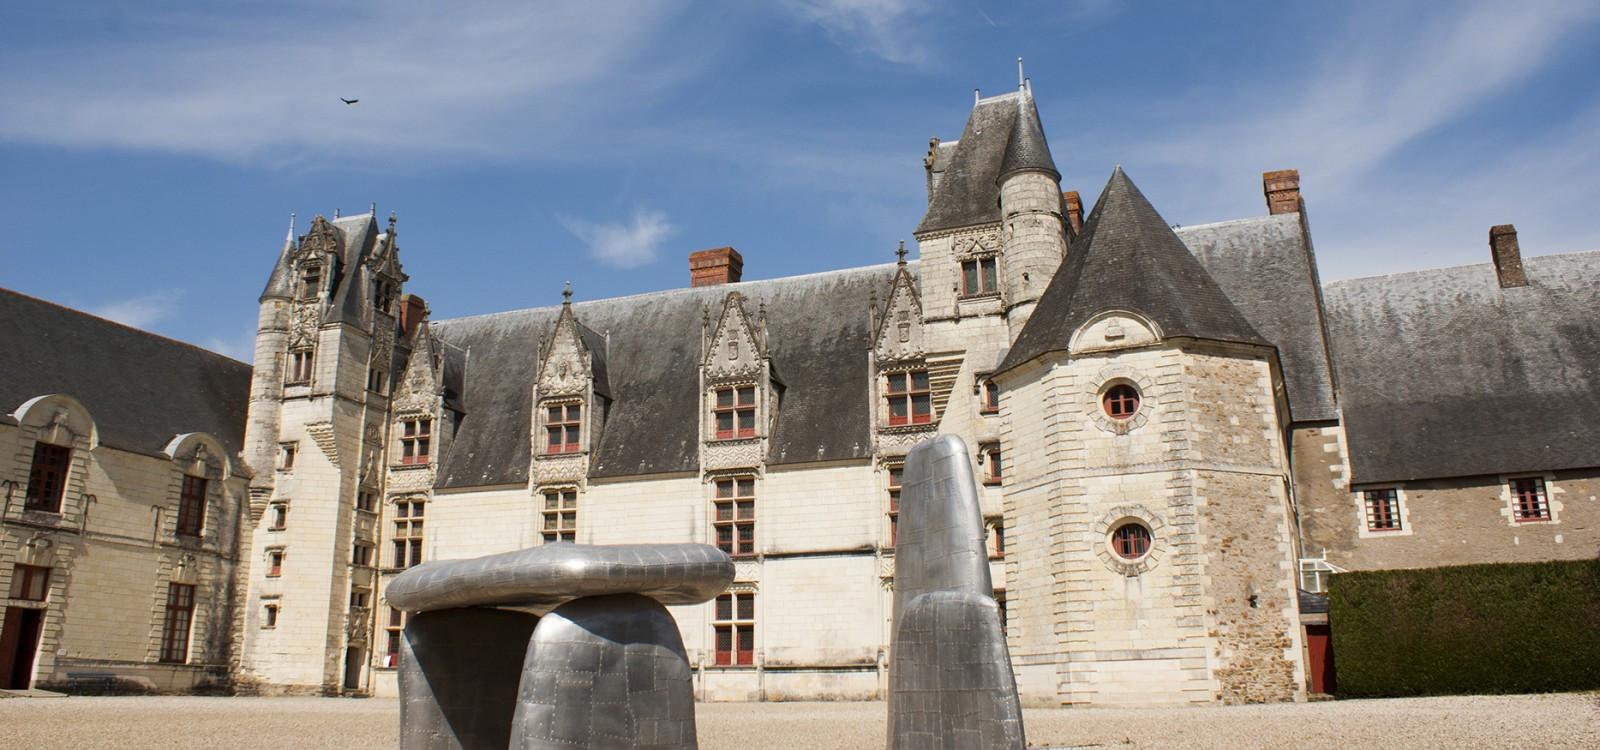 Chateau de Goulaine, Haute Goulaine, FRANCE